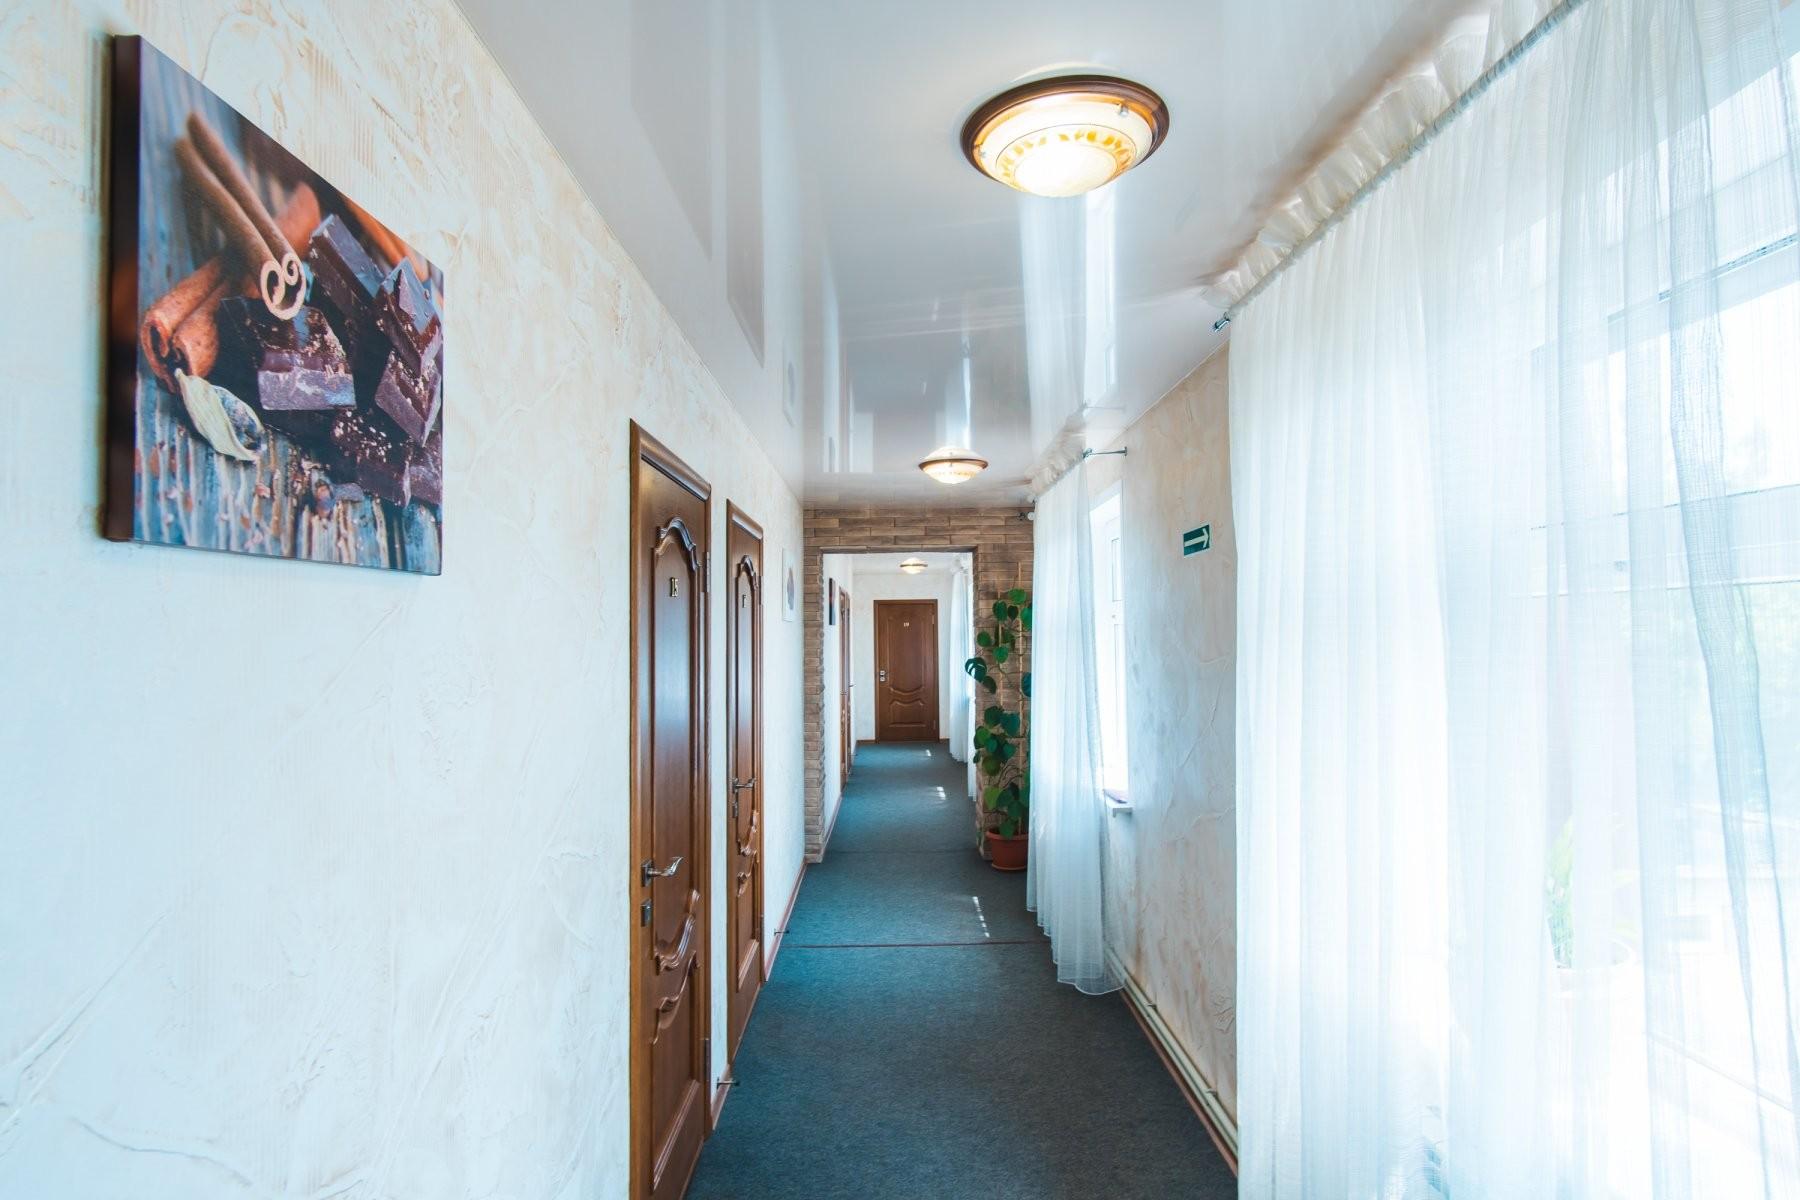 Шоколад, гостиничный комплекс - №45